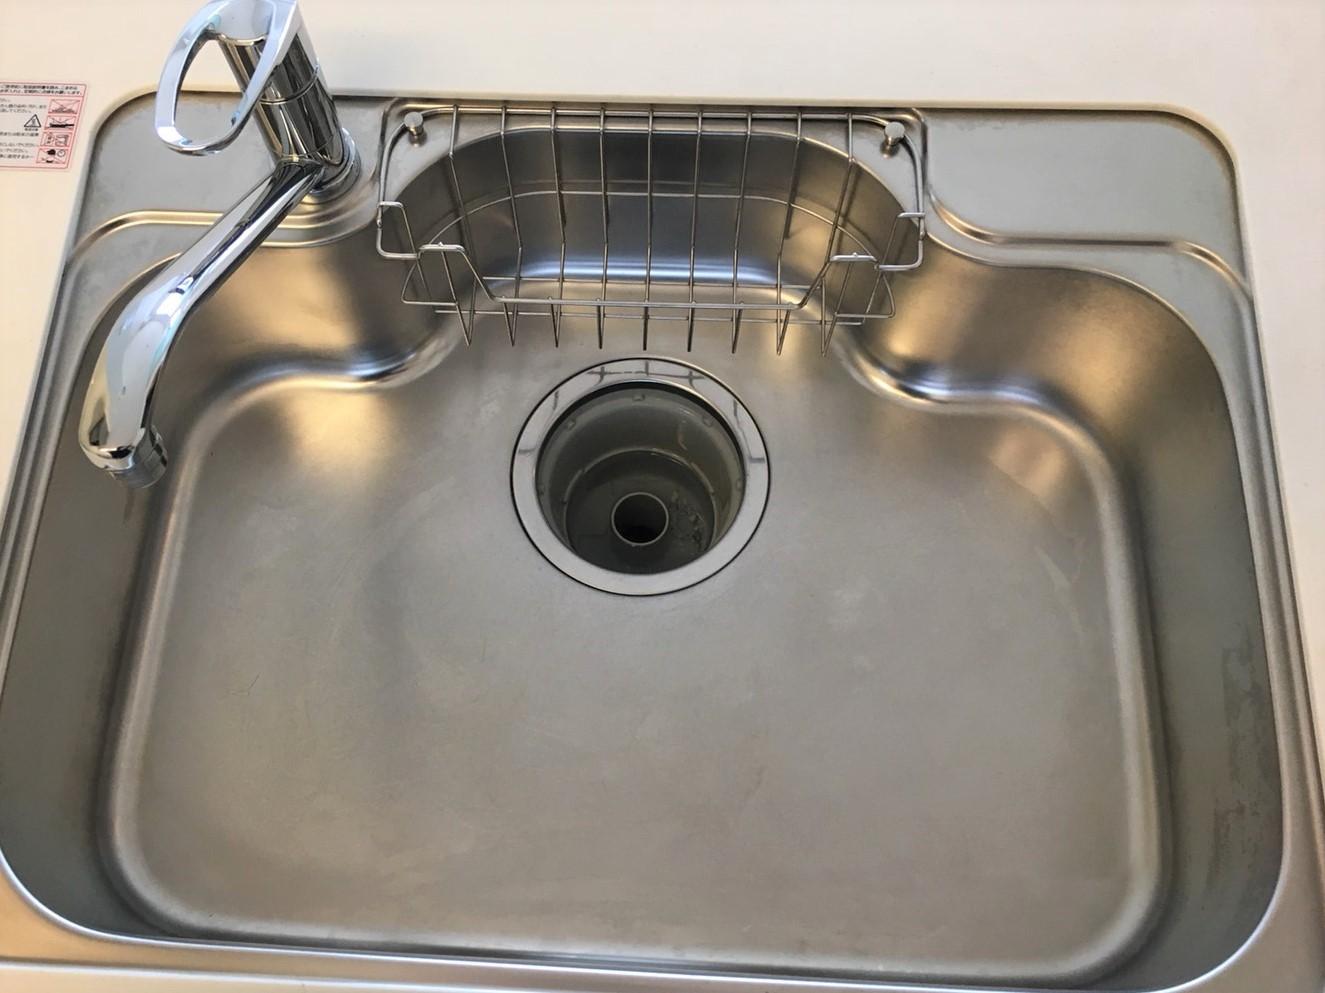 川西市 台所のお掃除(シンク蛇口の水垢やウロコ)を綺麗にします。便利な100円グッツで♪